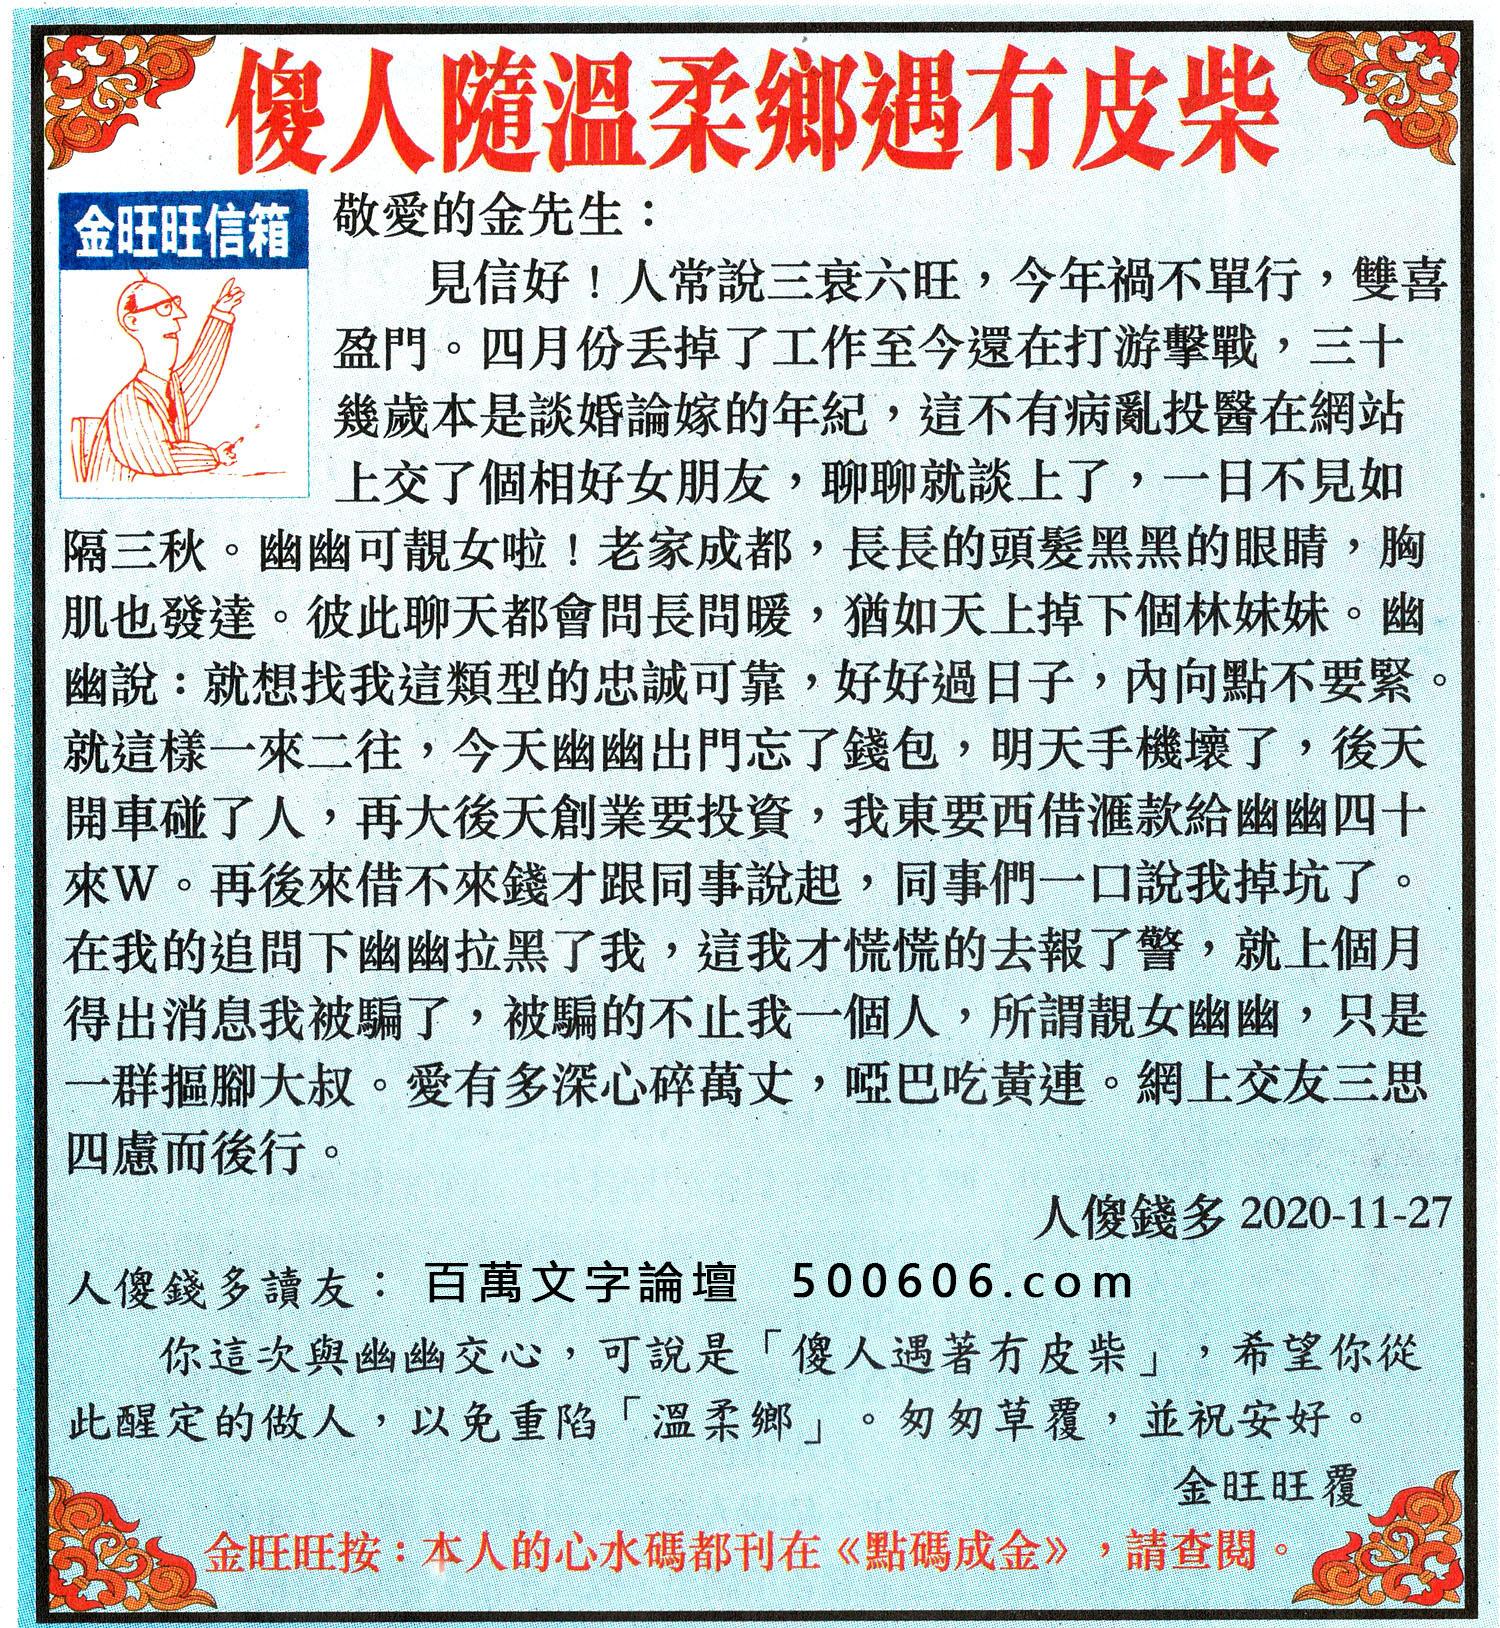 029期:金旺旺信箱彩民推荐→→《傻人�S�厝徉l遇�悠げ瘛�